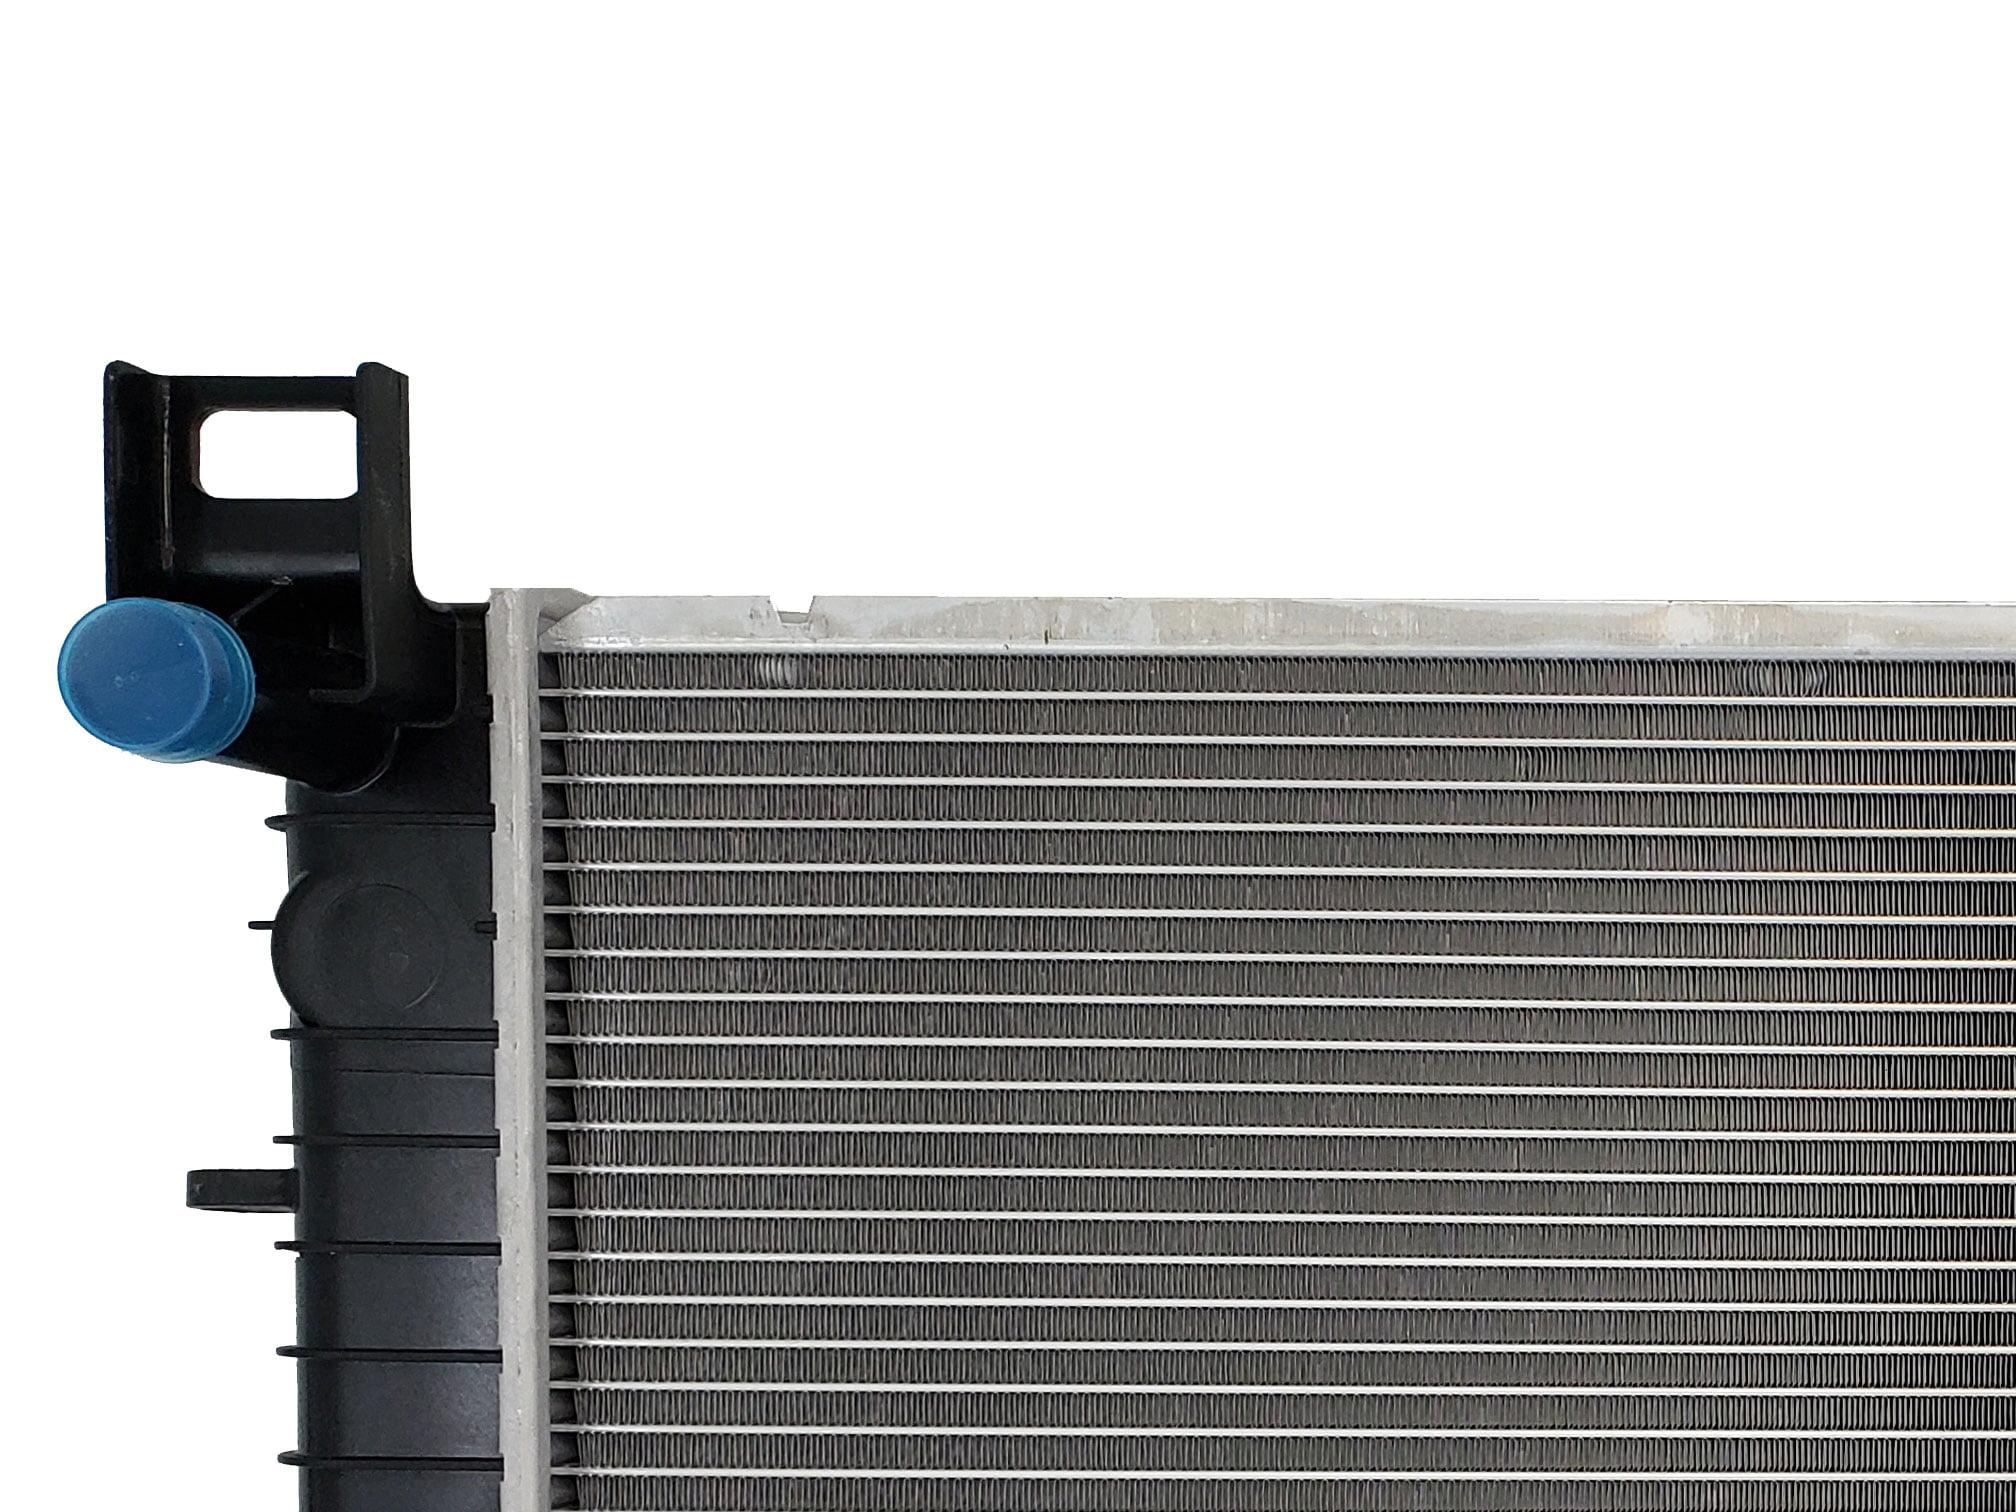 New Radiator 2334 fits Silverado Suburban Sierra Yukon 4.8 5.3 6.0 V8 4.3 V6